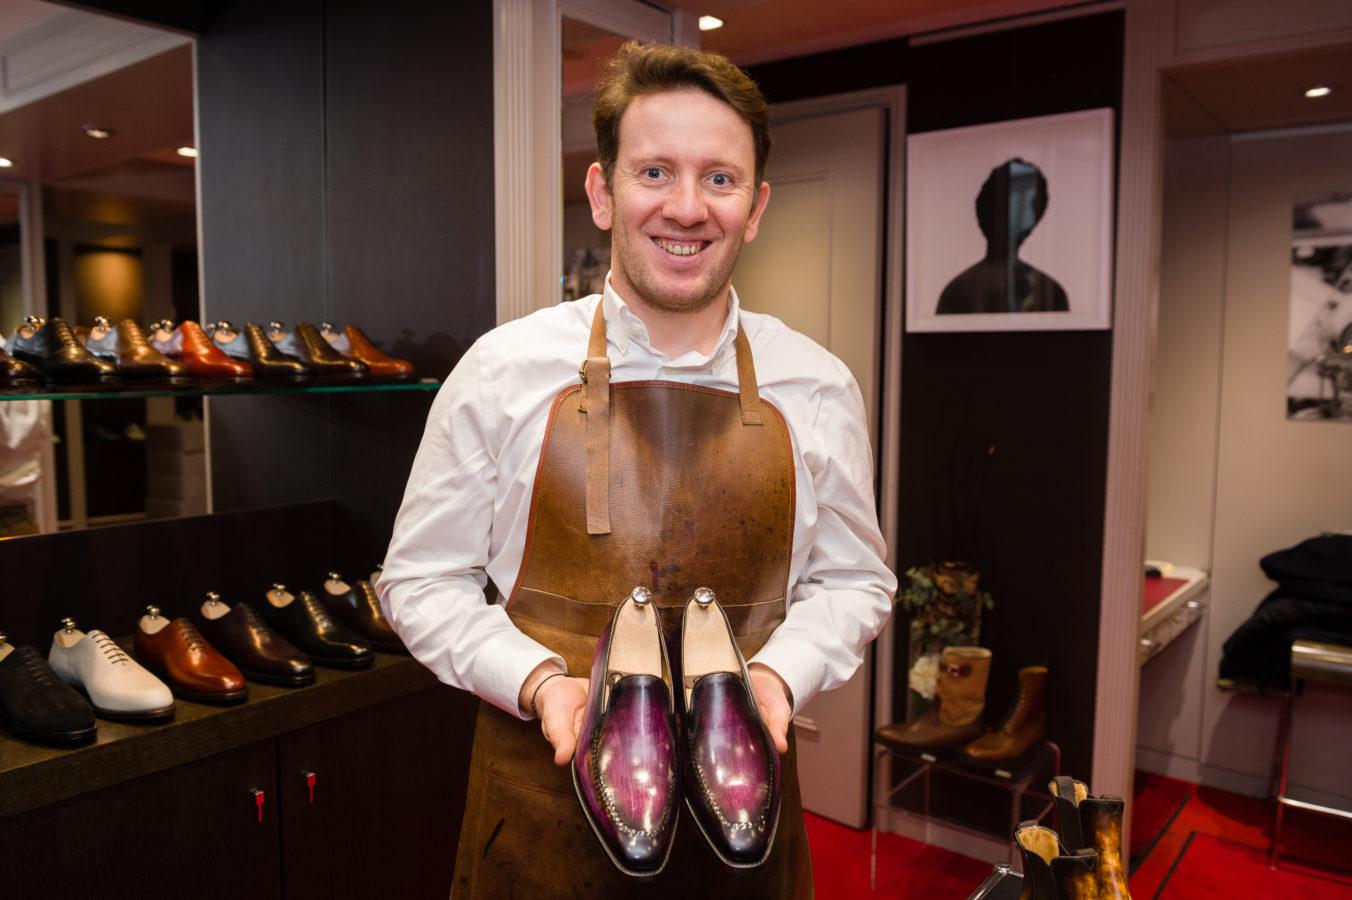 Des chaussures artisanales aux lignes contemporaines